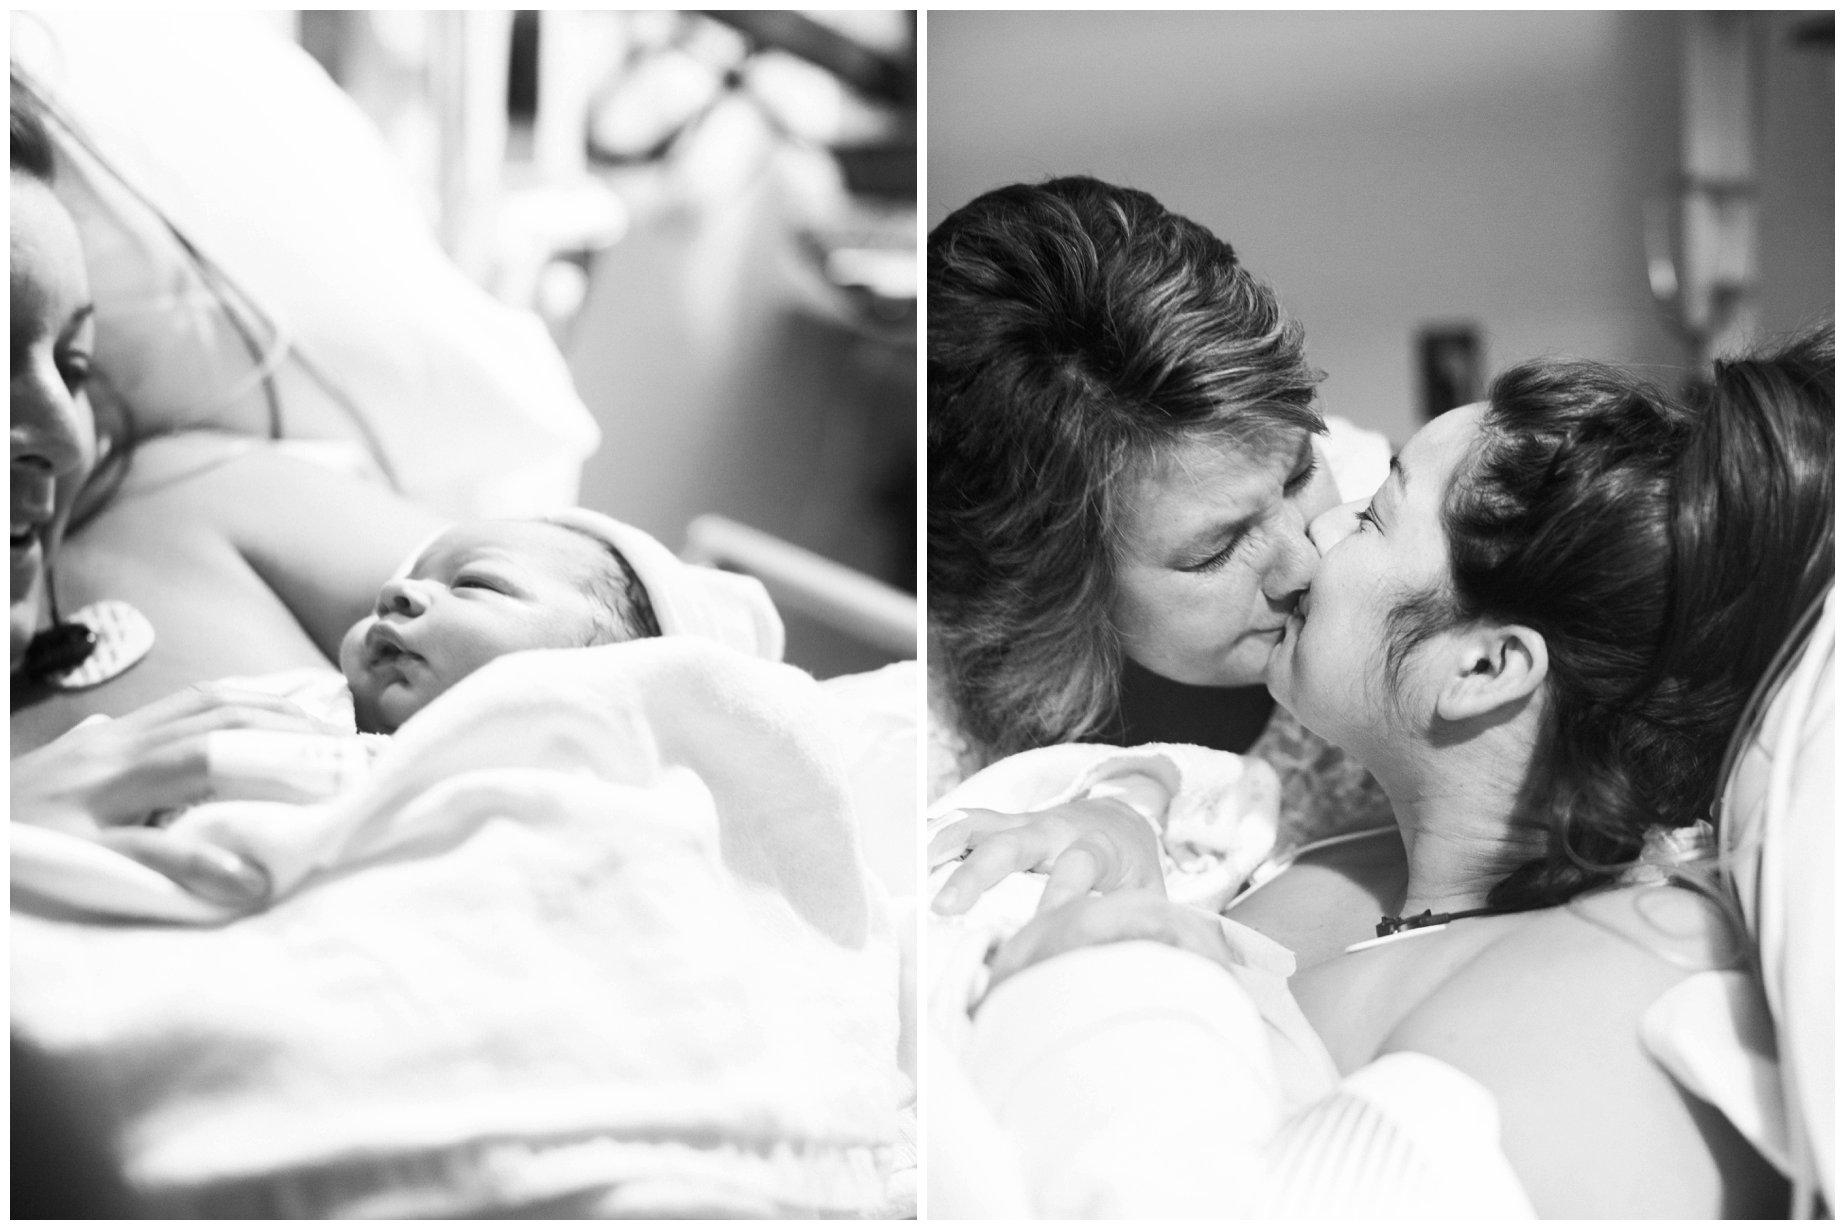 st louis photography_maternity_lauren muckler photography_film_st louis film photographer_0155.jpg